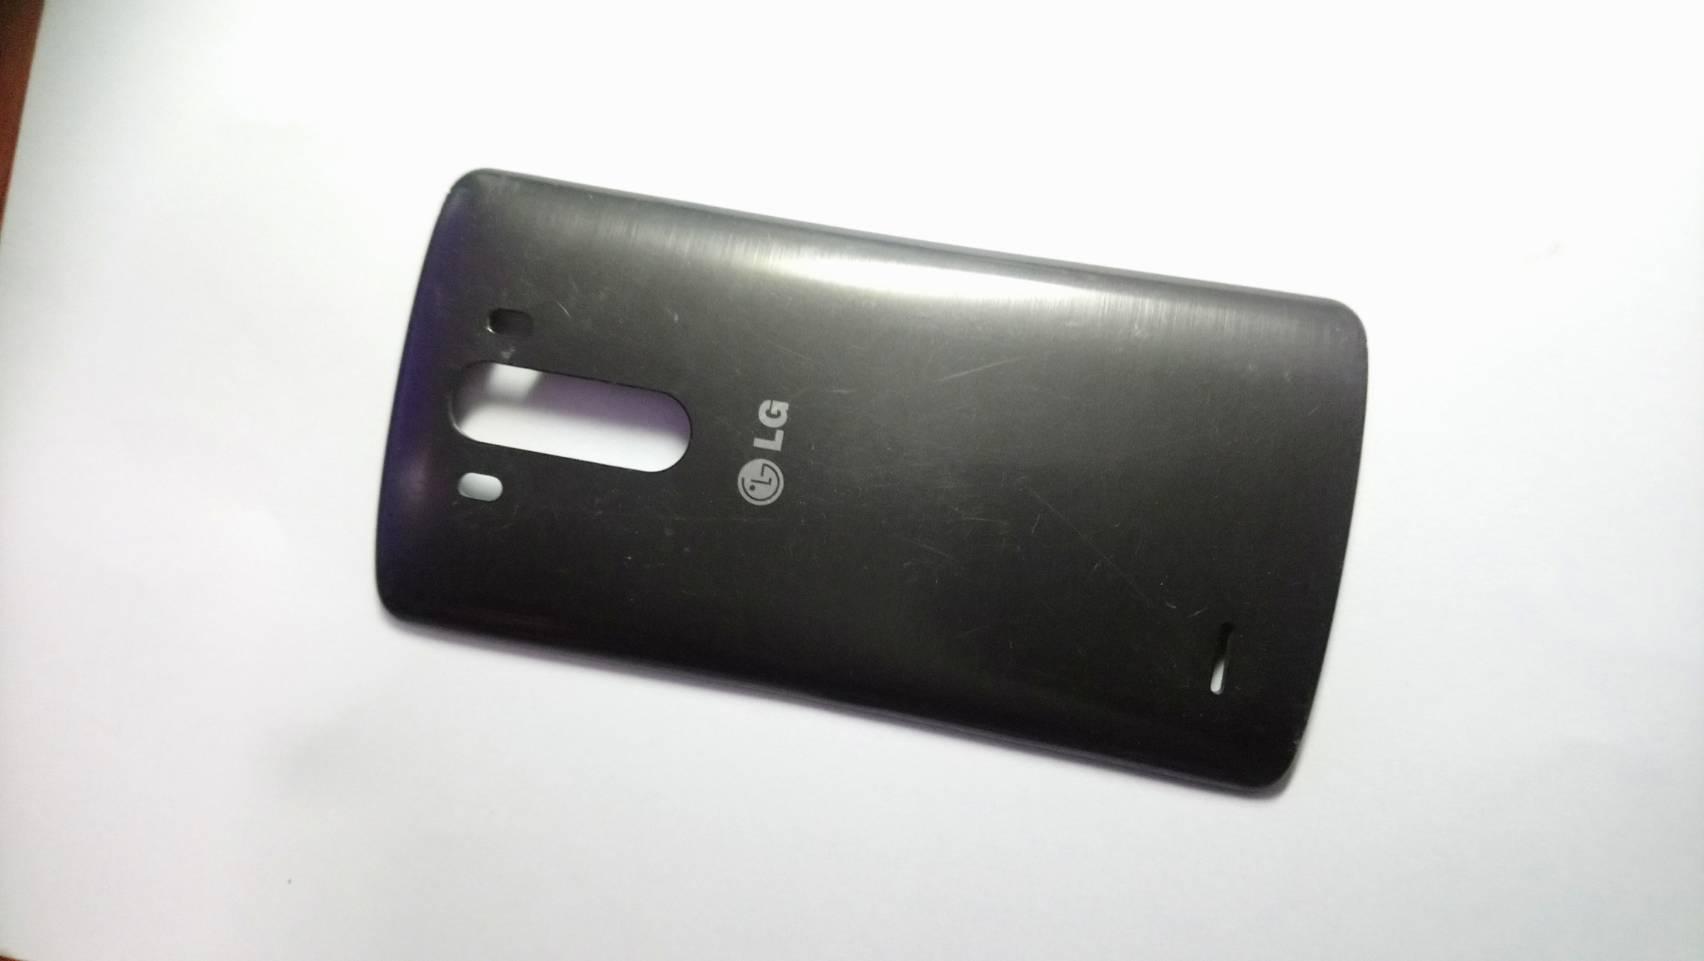 ฝาหลัง LG G3 D855 มือสอง